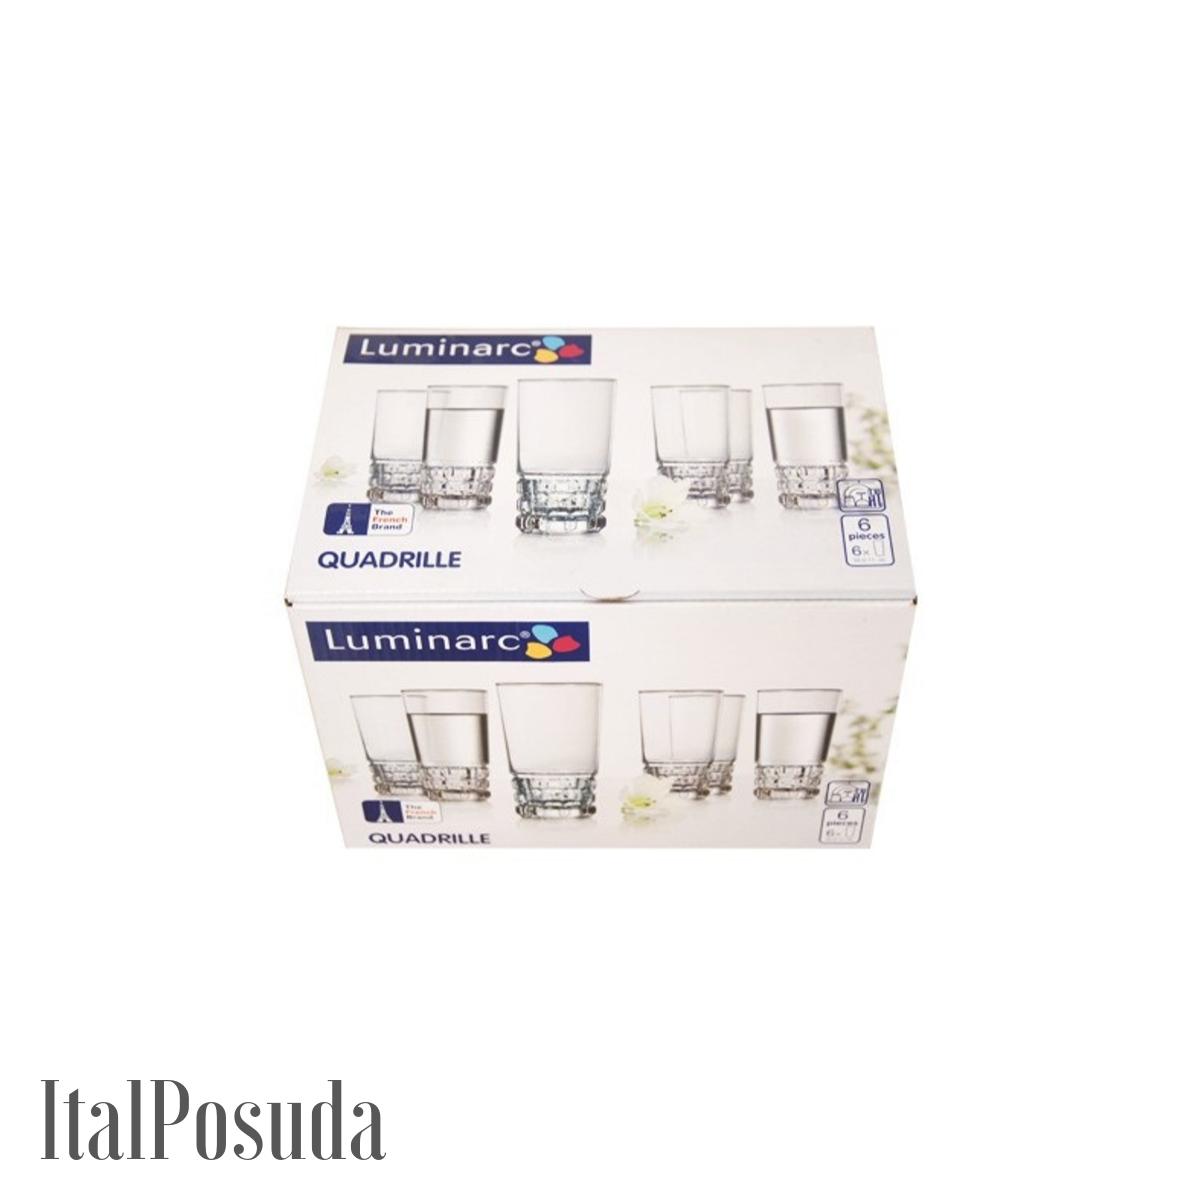 Набор стаканов Luminarc Quadrille (Кадриль), 6 шт P4789